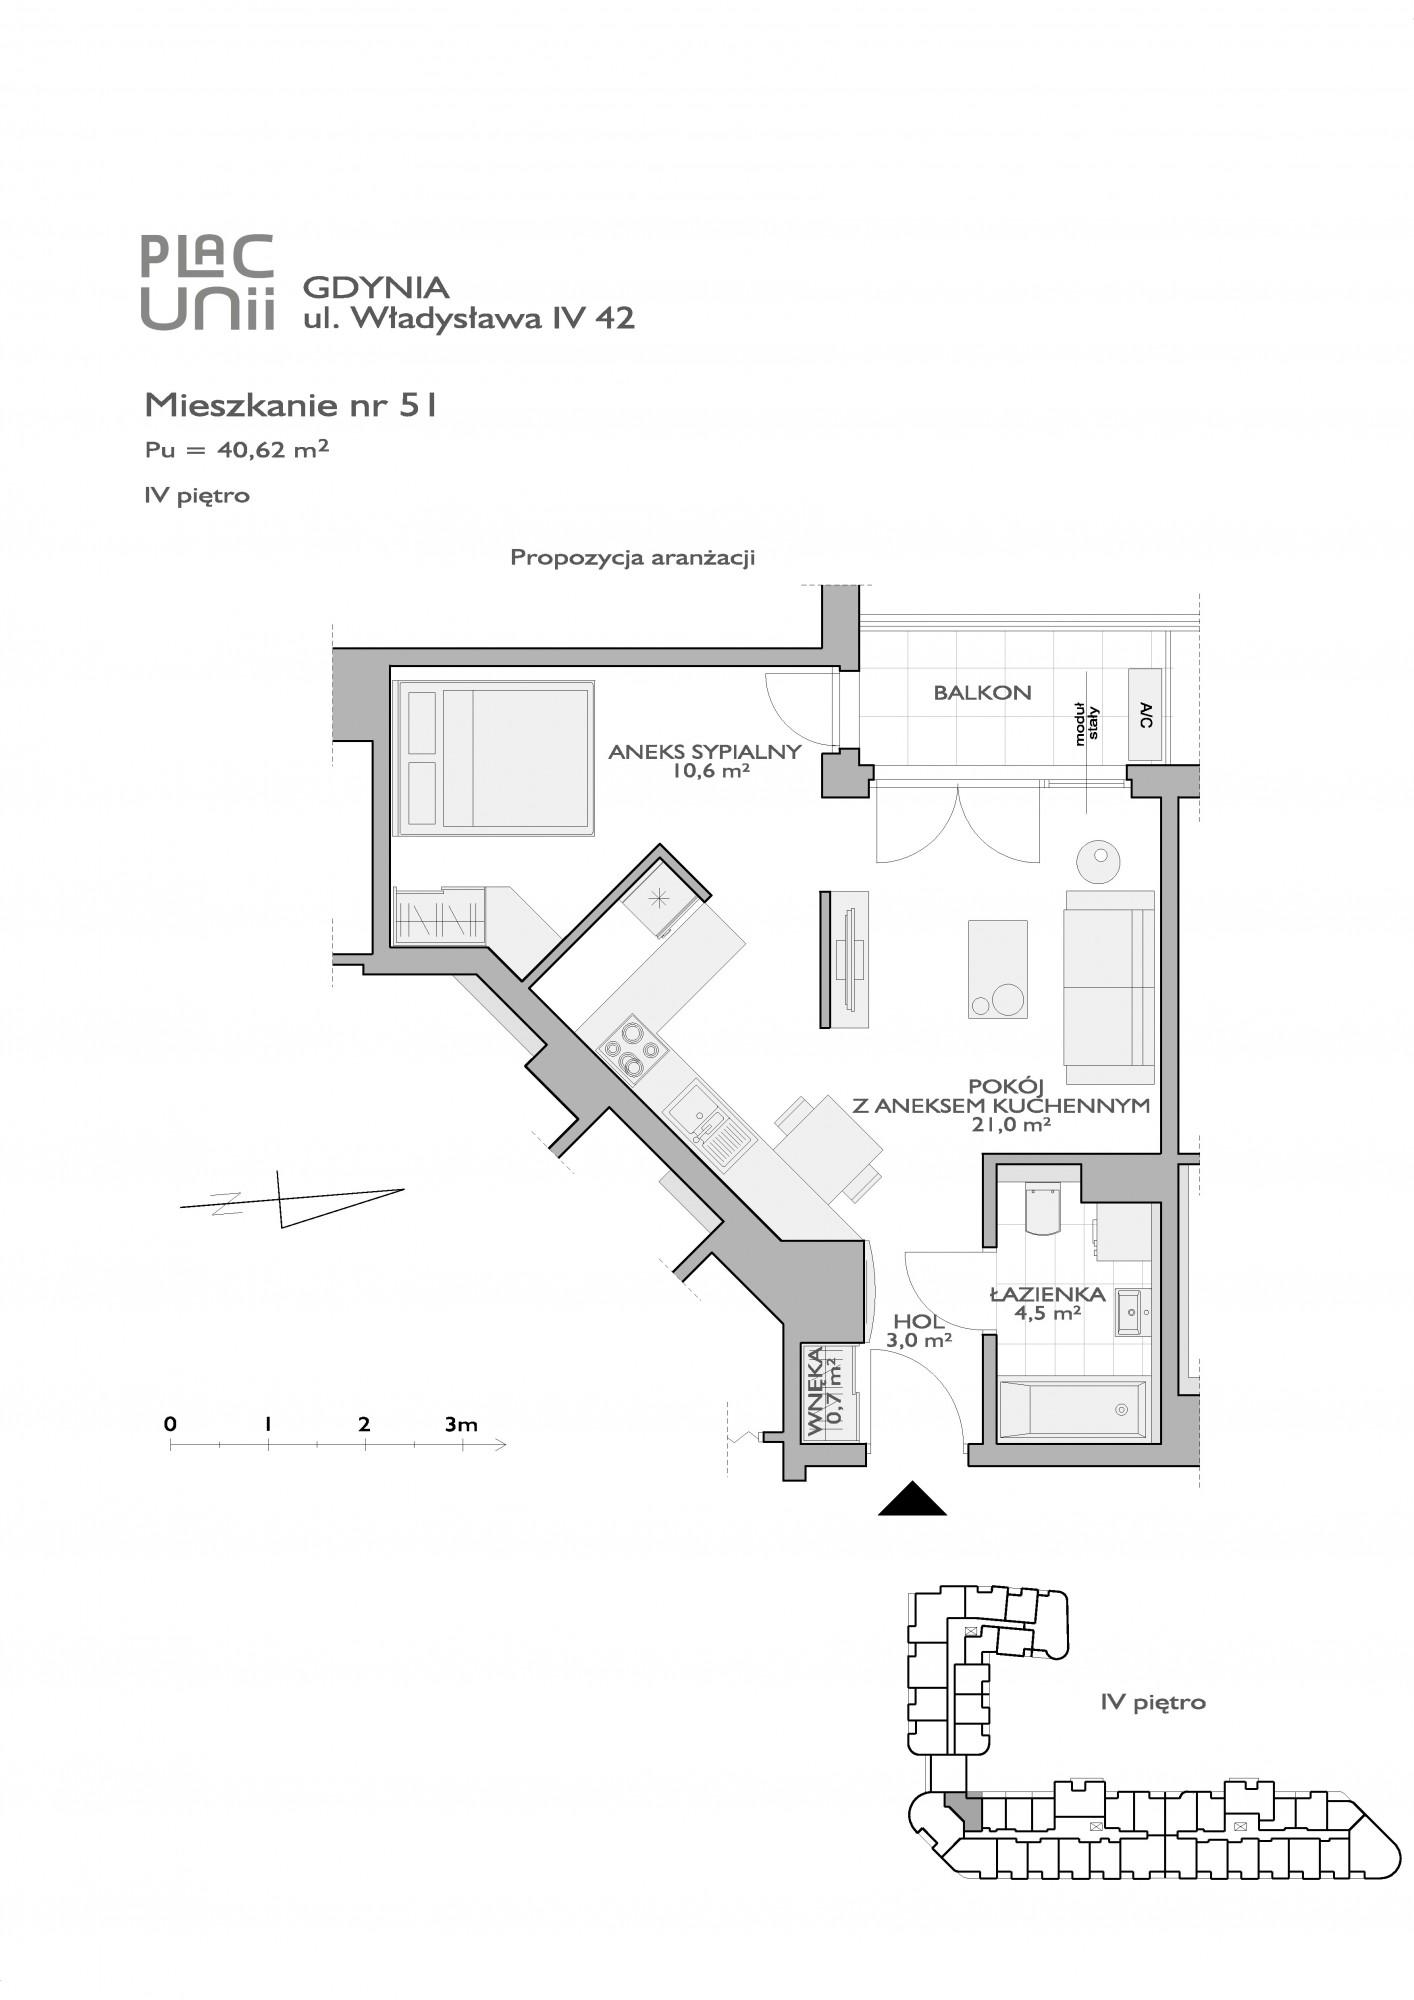 Karta lokalu Gdynia, ul. Obrońców Wybrzeża nr PU/W/42/51